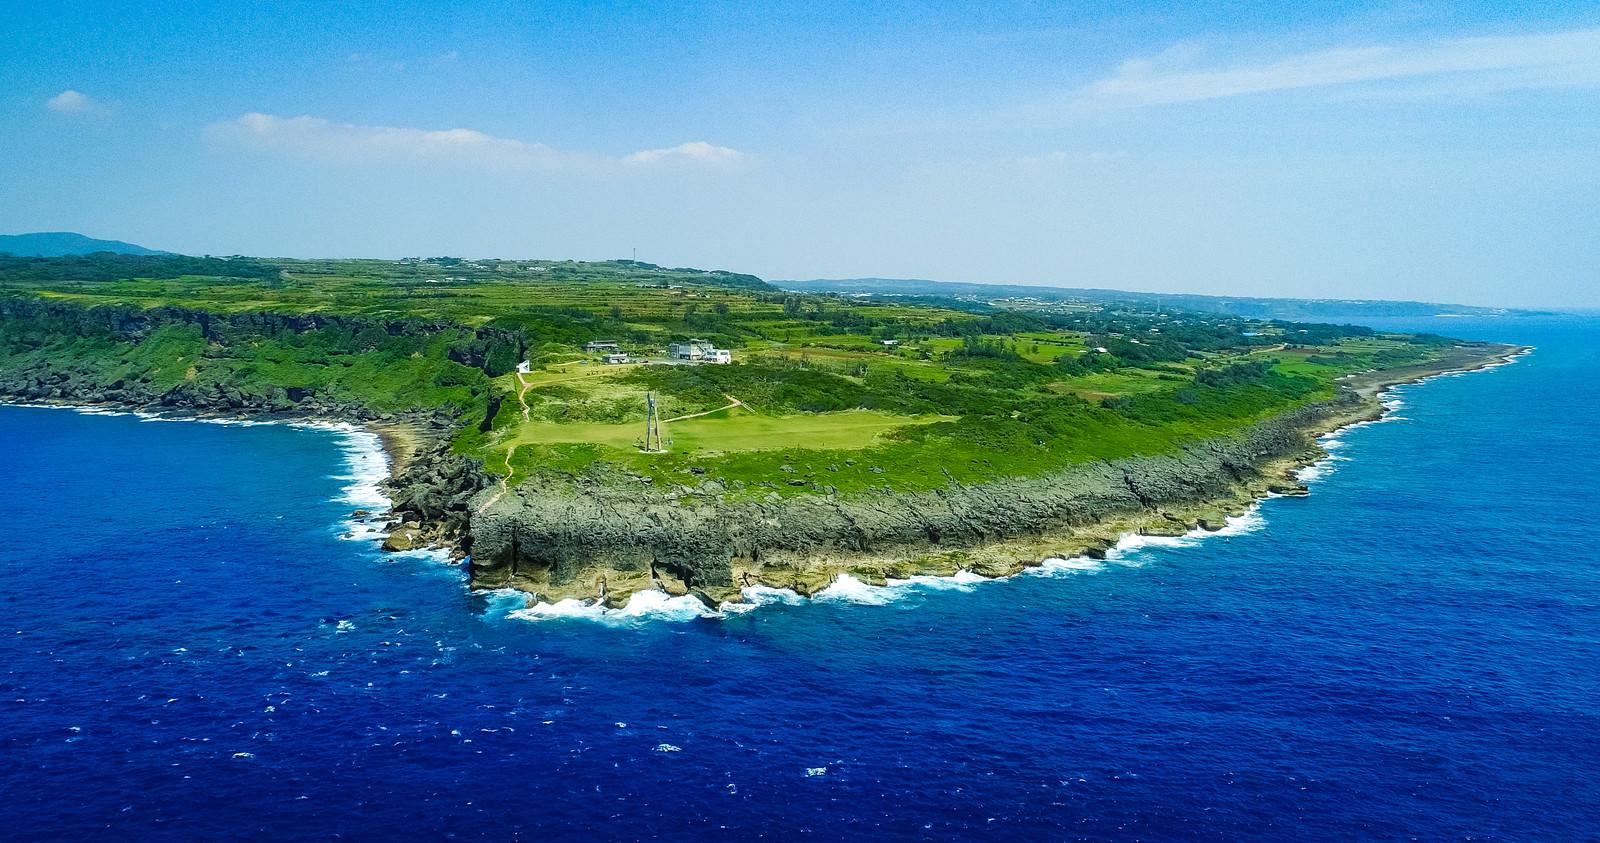 「犬田布岬と戦艦大和慰霊塔を空撮で一望する | 写真の無料素材・フリー素材 - ぱくたそ」の写真